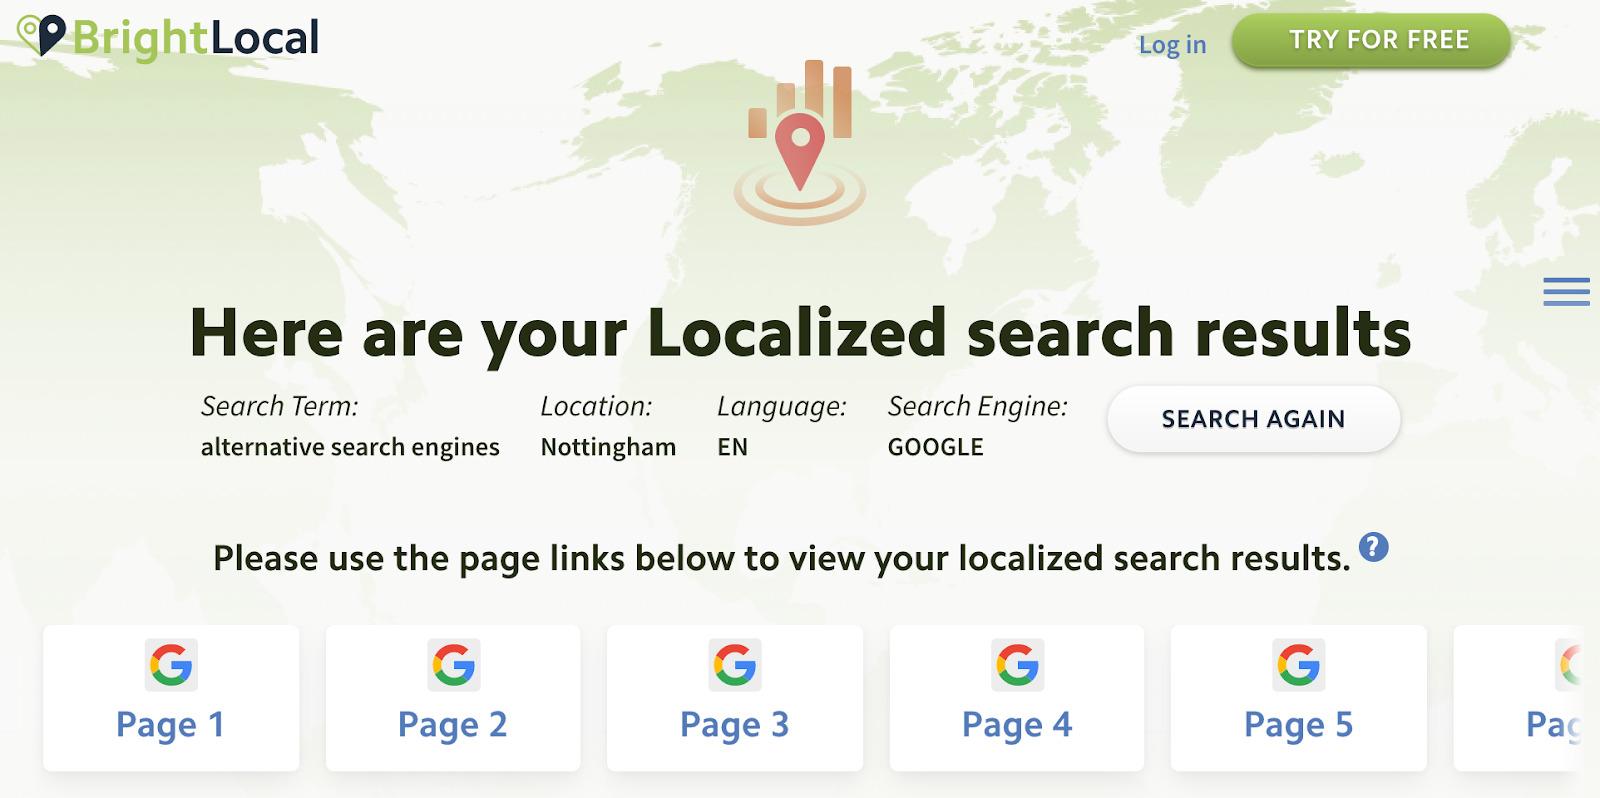 Verificador de resultados de búsqueda de Brightlocal